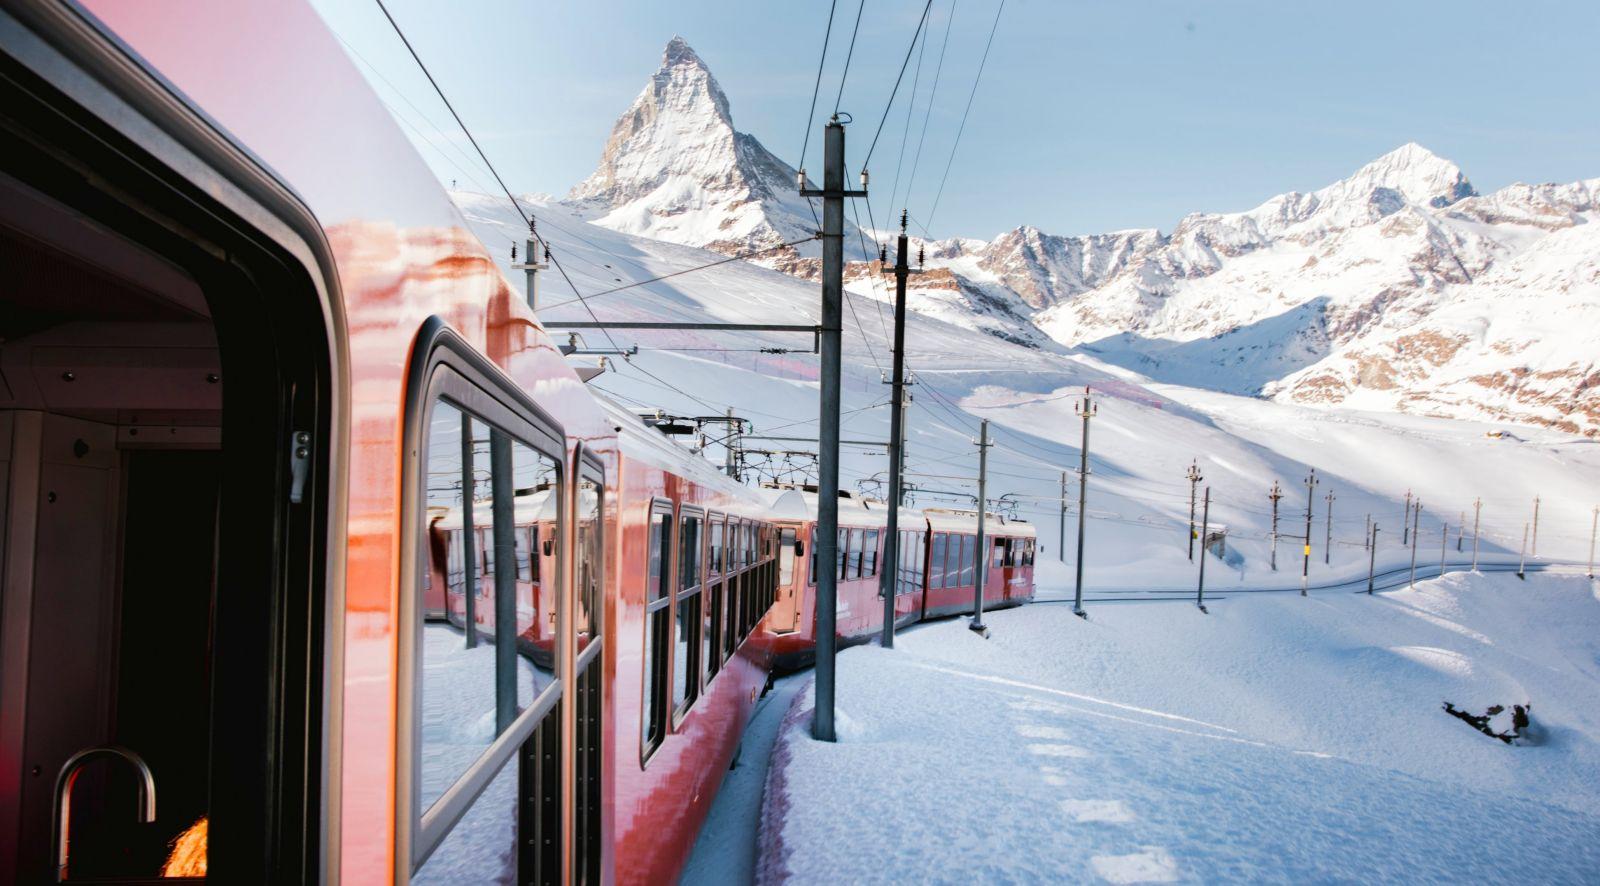 ركوب قطار الشتاء